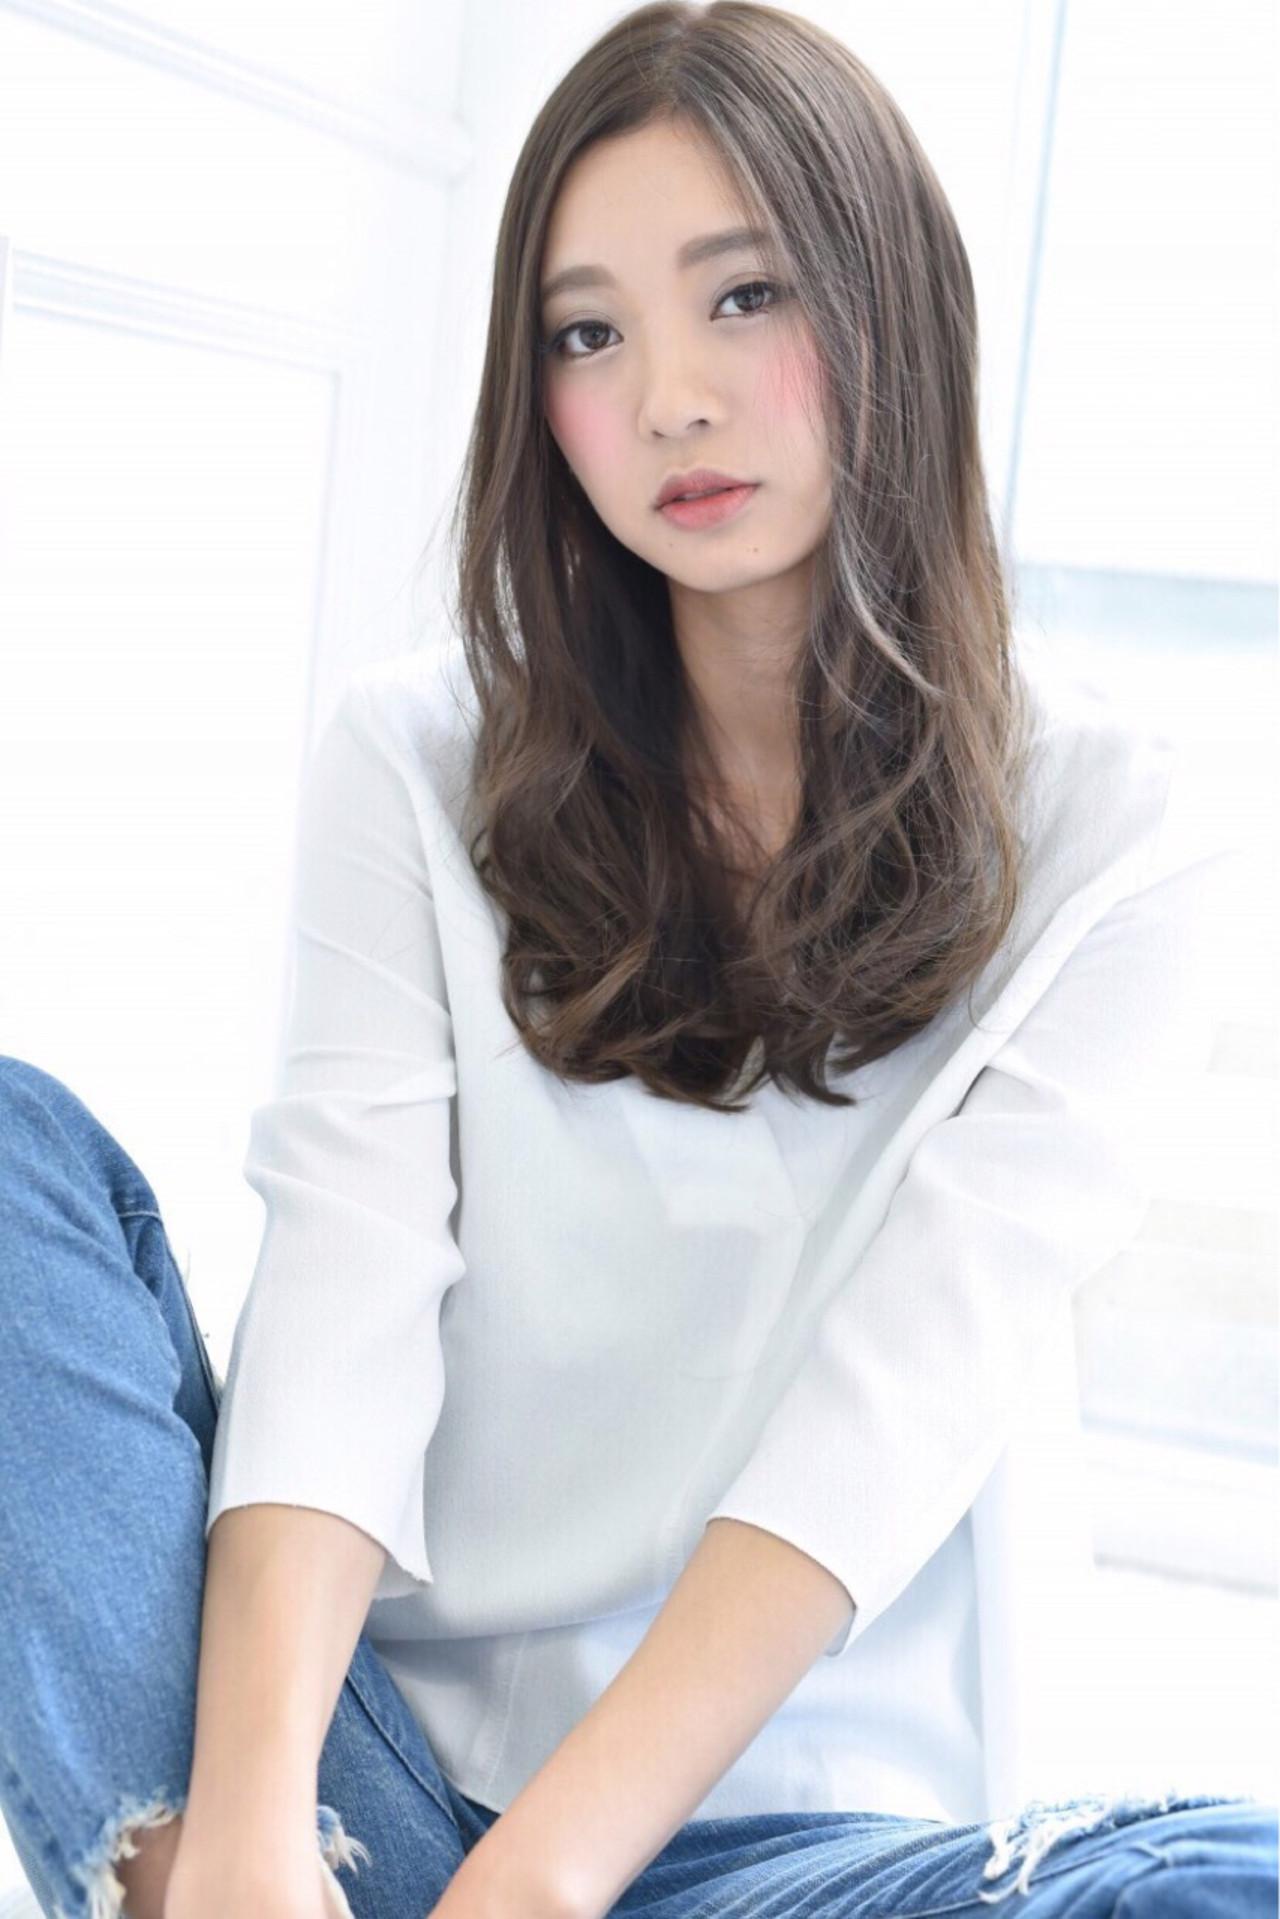 ロング ナチュラル 抜け感 かっこいい ヘアスタイルや髪型の写真・画像 | 藤田真奈 /